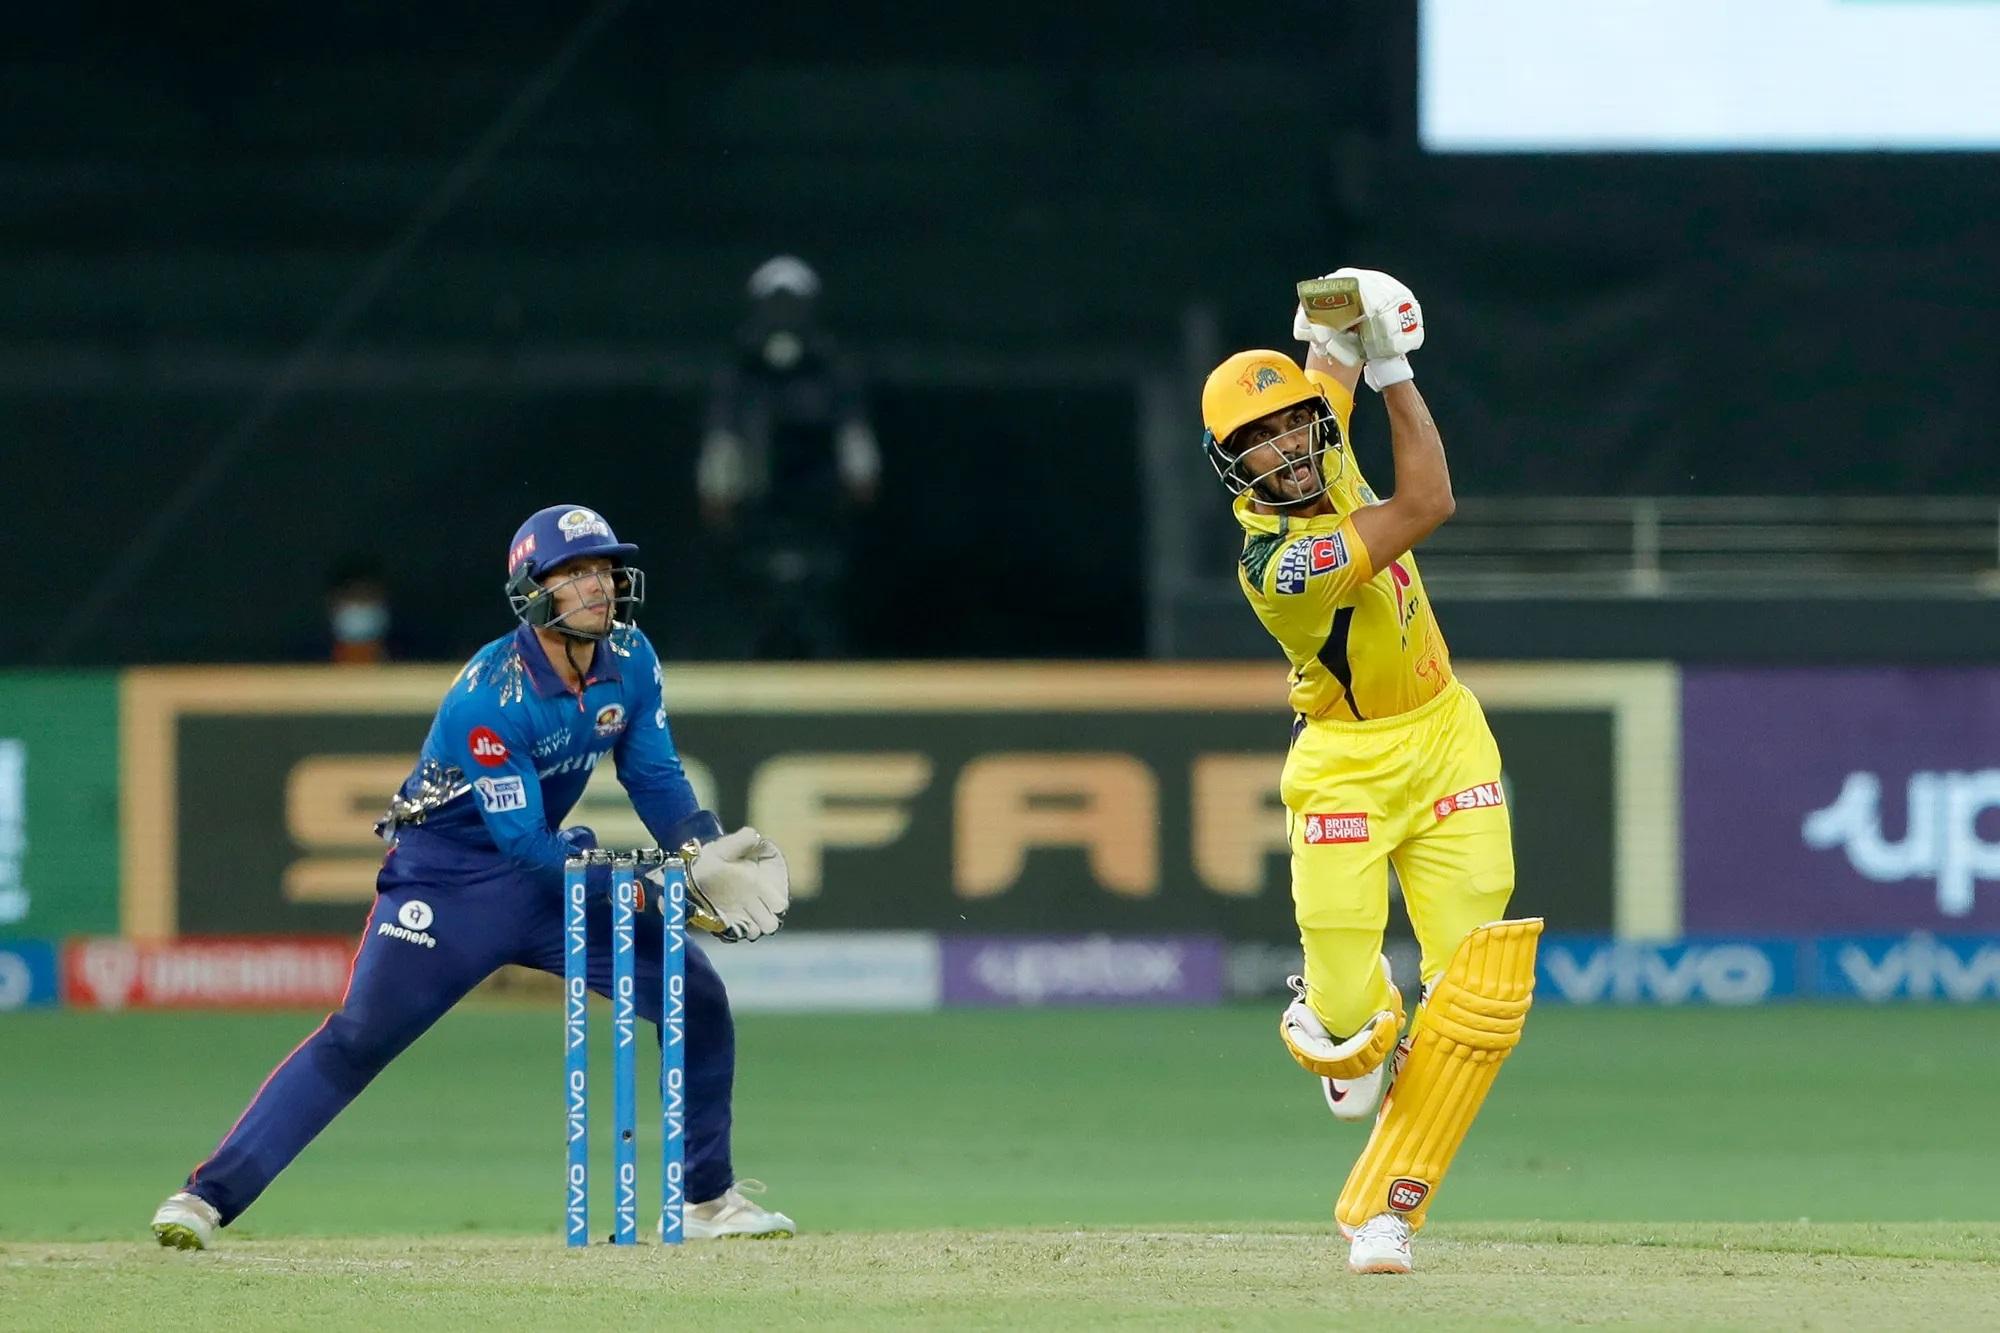 डूप्लेसी, मोइन अली, रैना, धोनी और जडेजा जैसे बल्लेबाजों से सजी चेन्नई के लिए पहला सिक्स 12वें ओवर में लगा। ऋतुराज गायकवाड़ ने क्रुणाल की गेंद पर सामने सिक्स मारा।